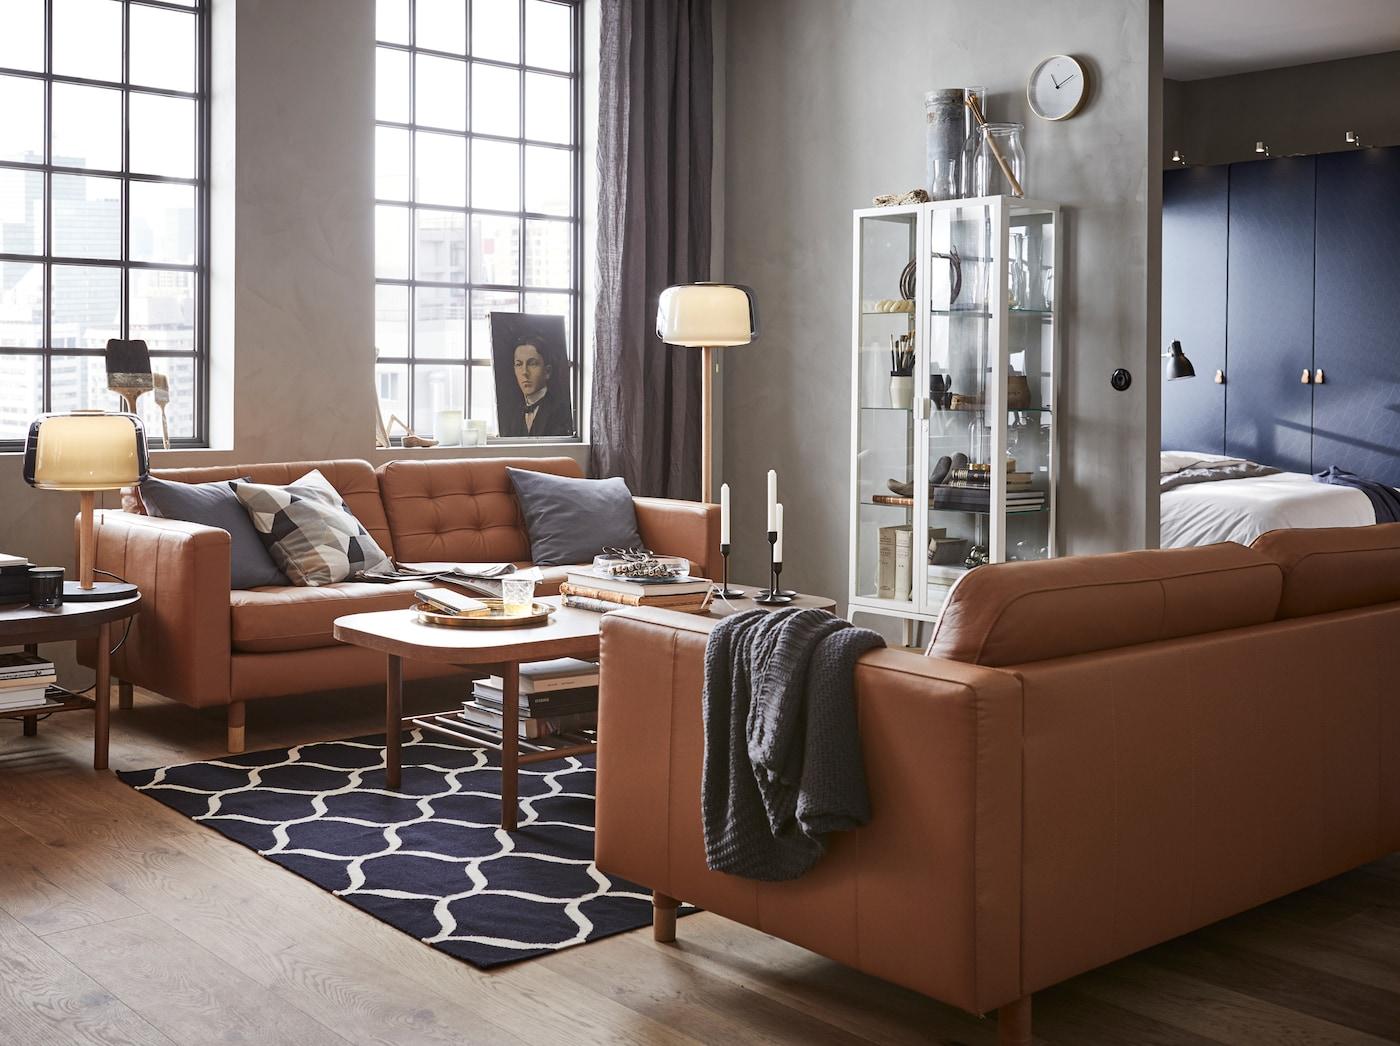 Een moderne woonkamer met MILSBO glazen opbergkast, LANDSKRONA bruine leren banken en ronde houten LISTERBY salontafel.